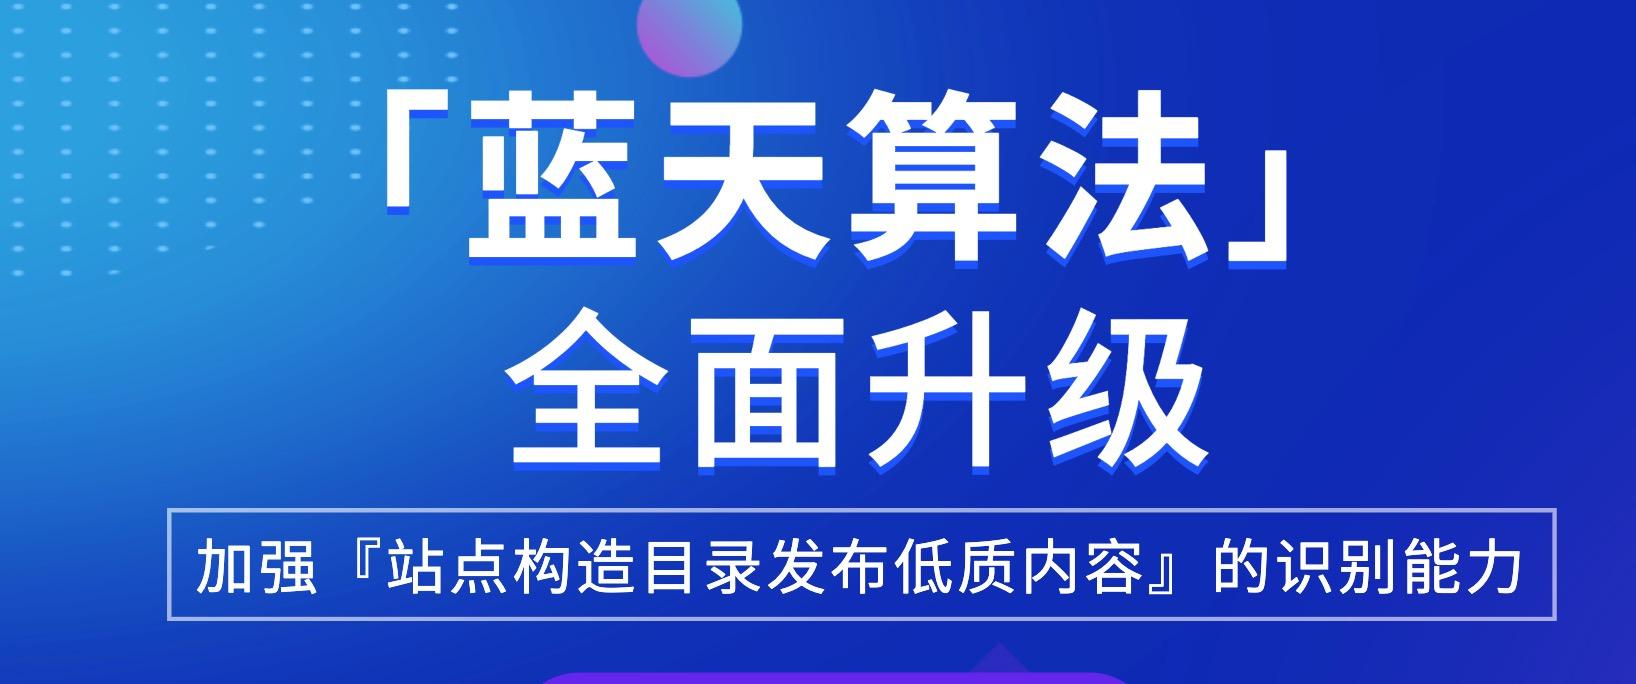 修文百度bg大游app